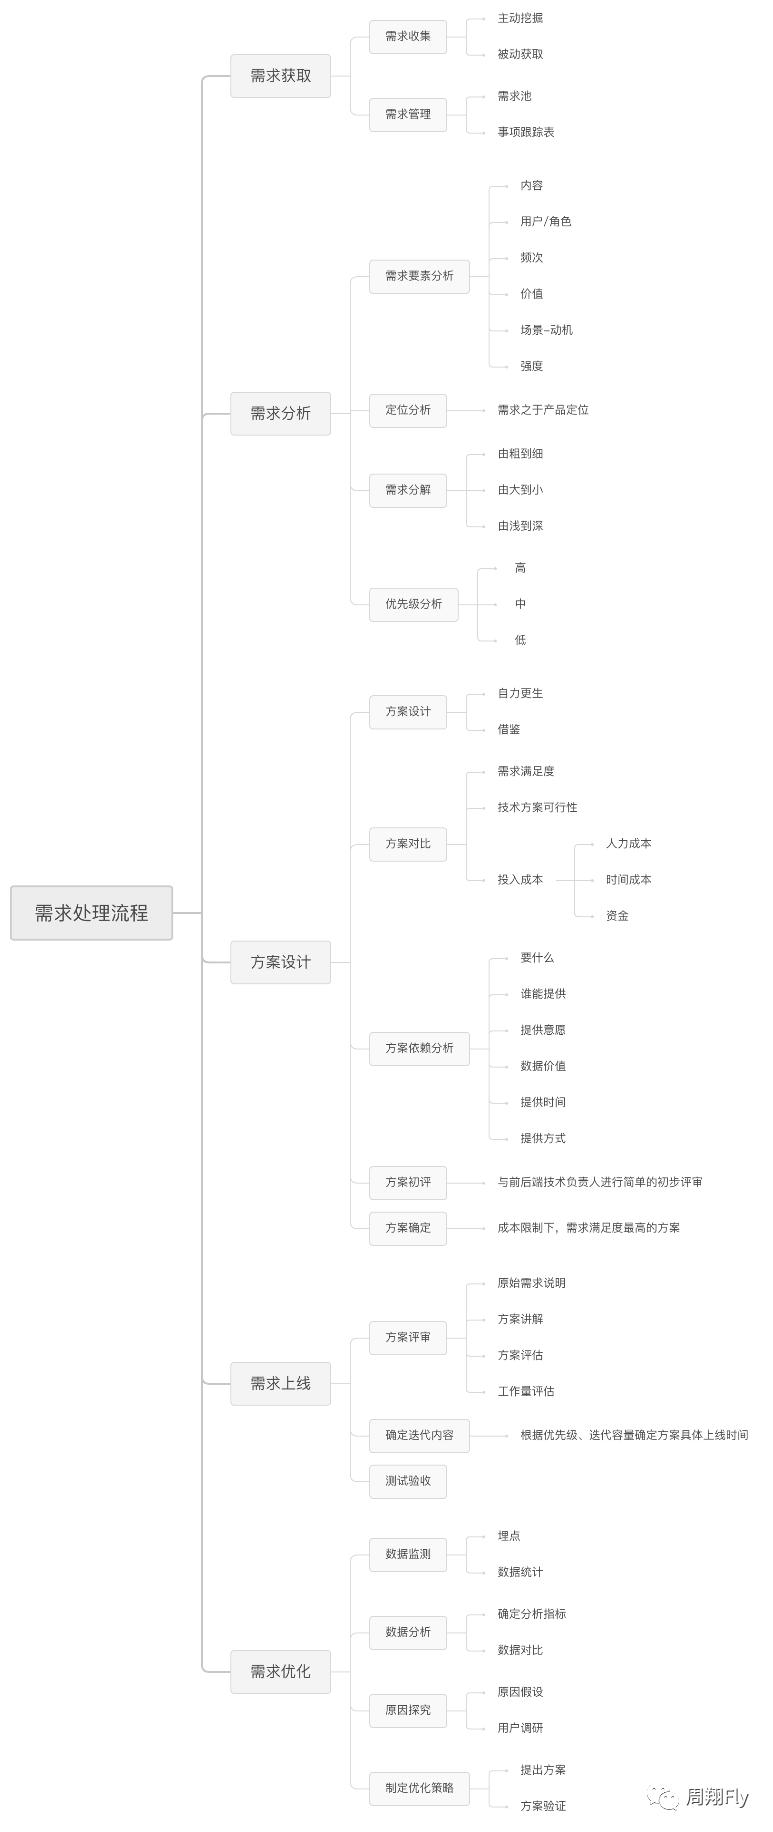 需求系列(一)——需求处理流程